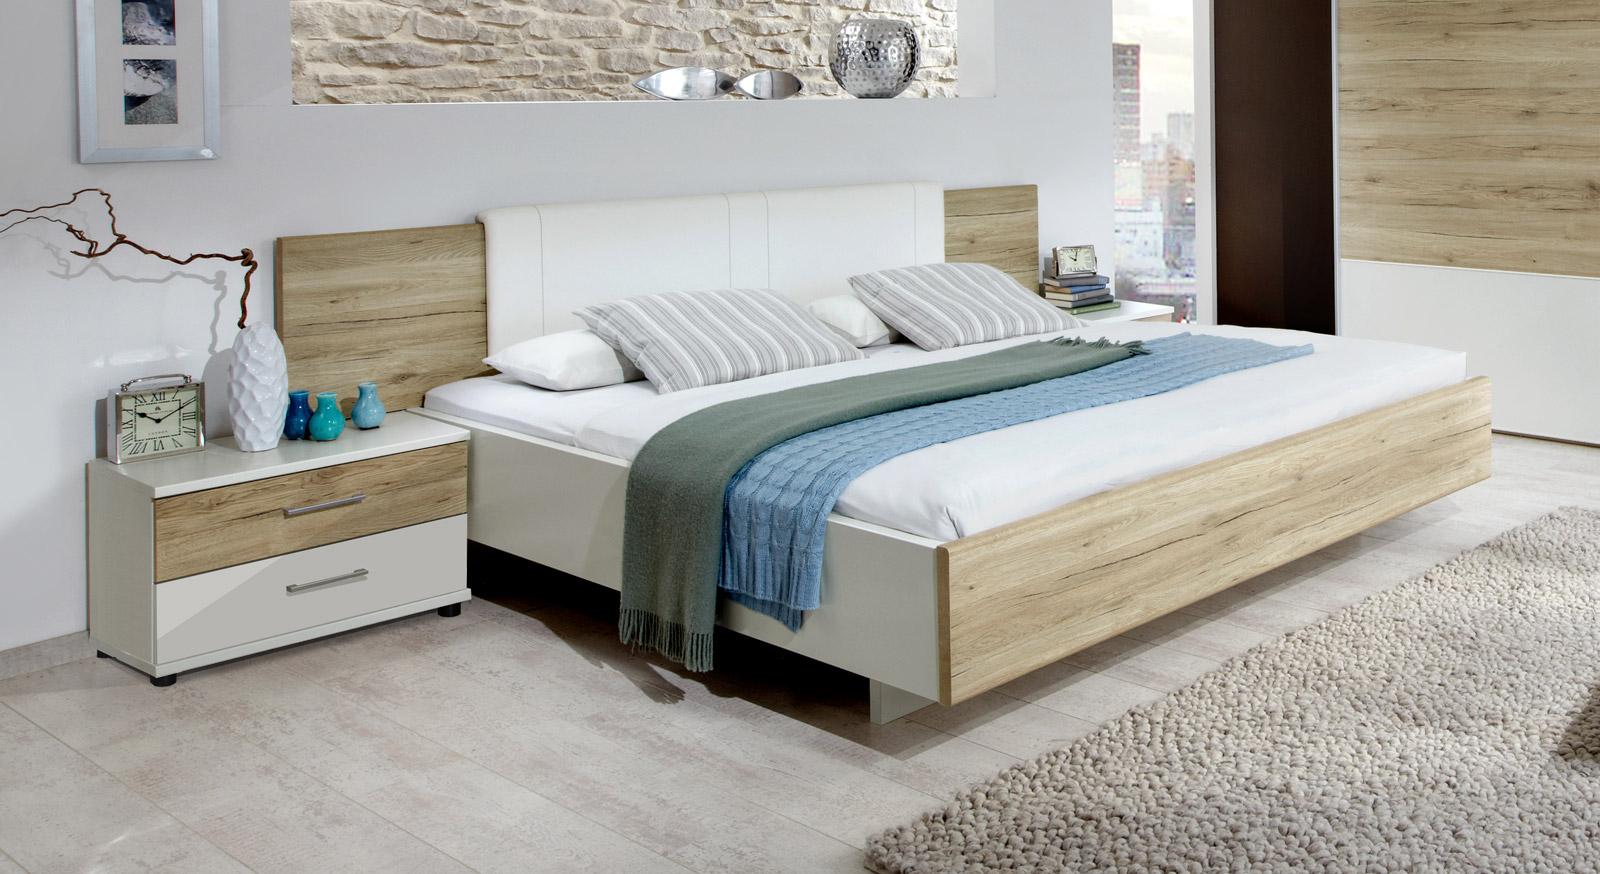 Bett Swansea in Eiche Nachbildung mit weißem Dekor